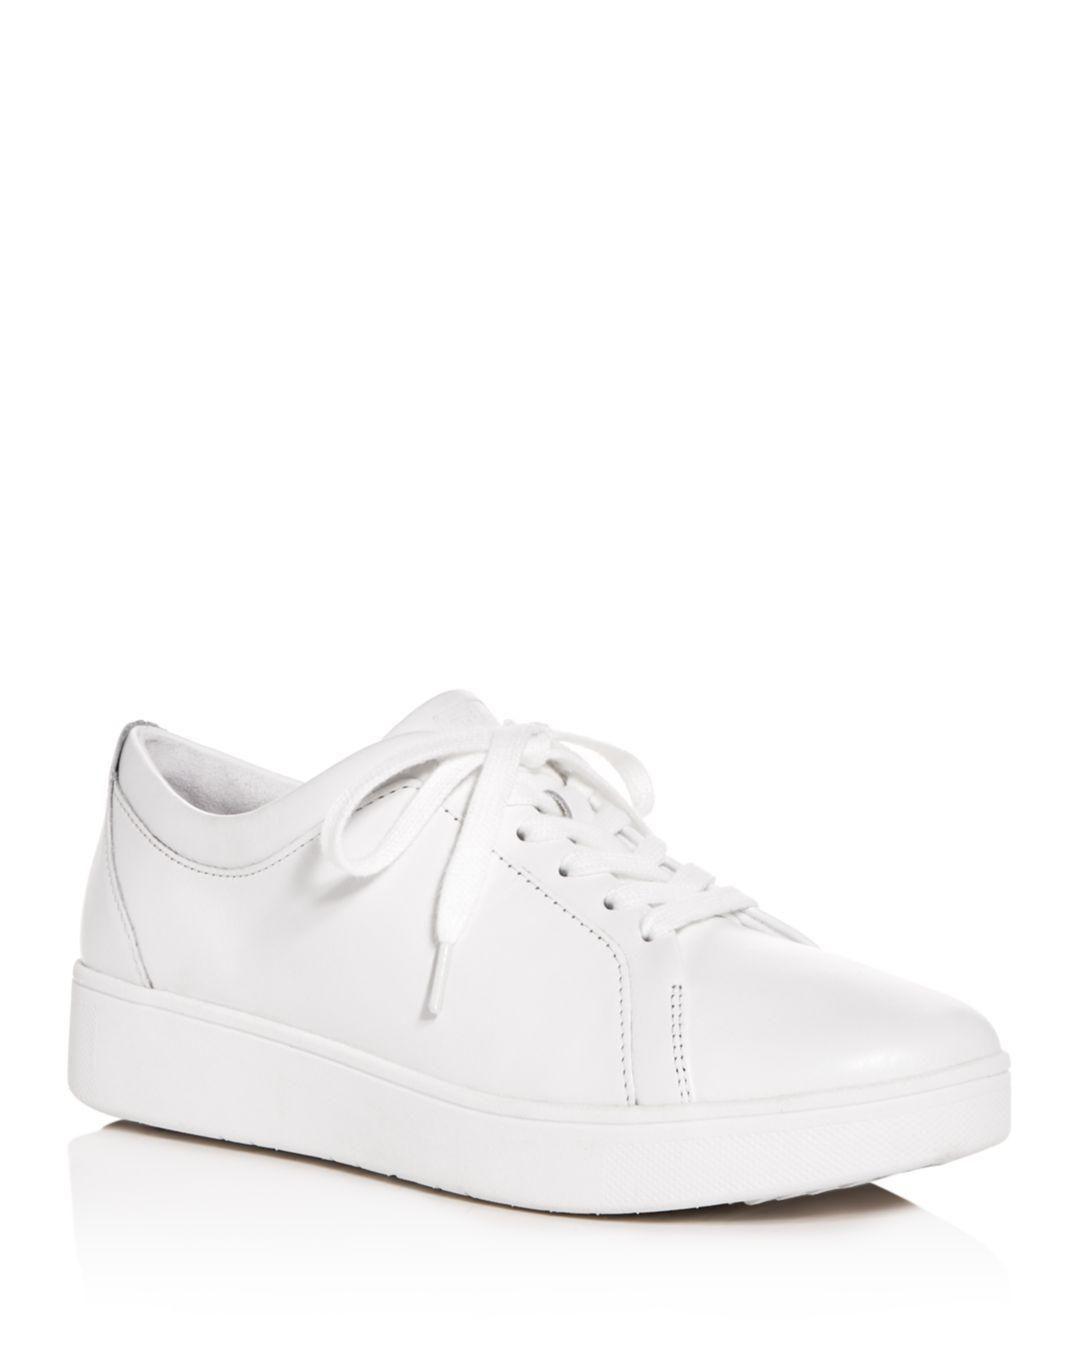 00126b8b96b54 15 Best White Sneakers for Women in 2019